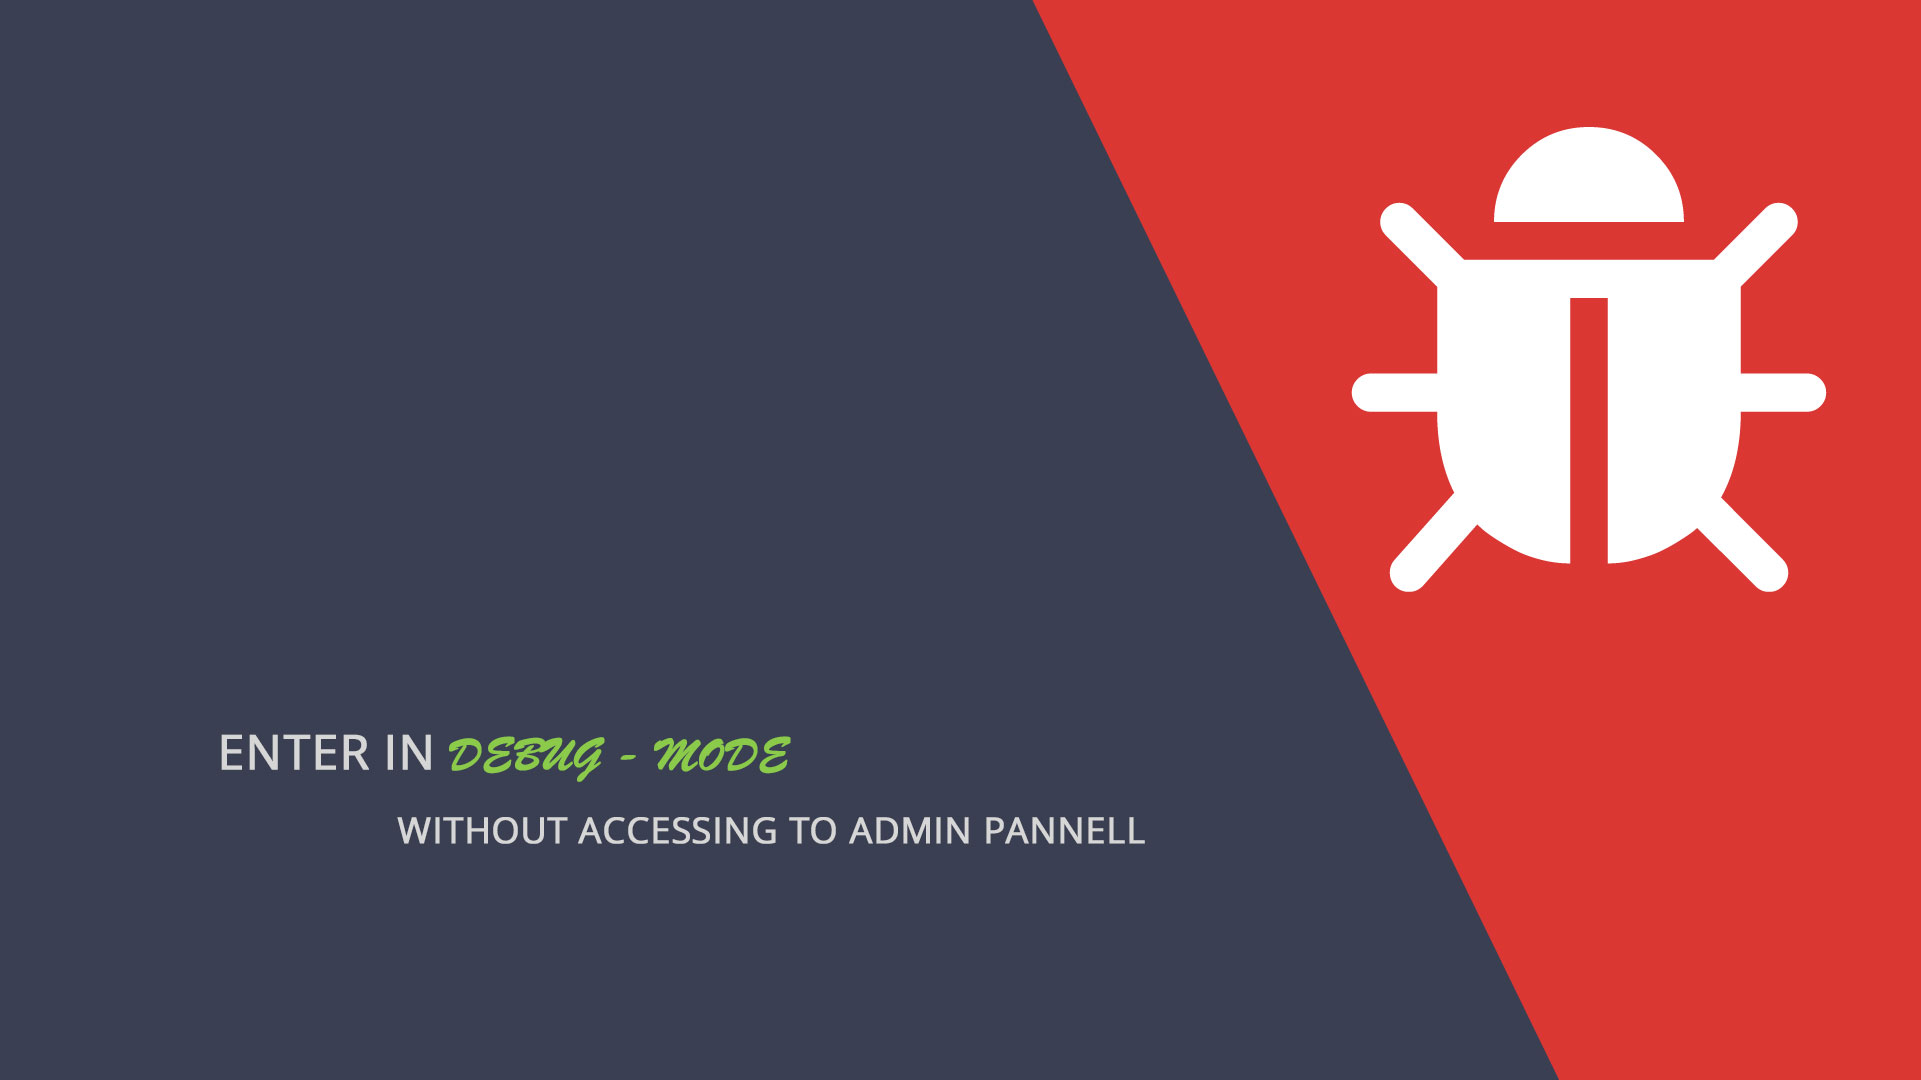 Prestashop 1 7 1 | Enter in debug mode without entering in admin